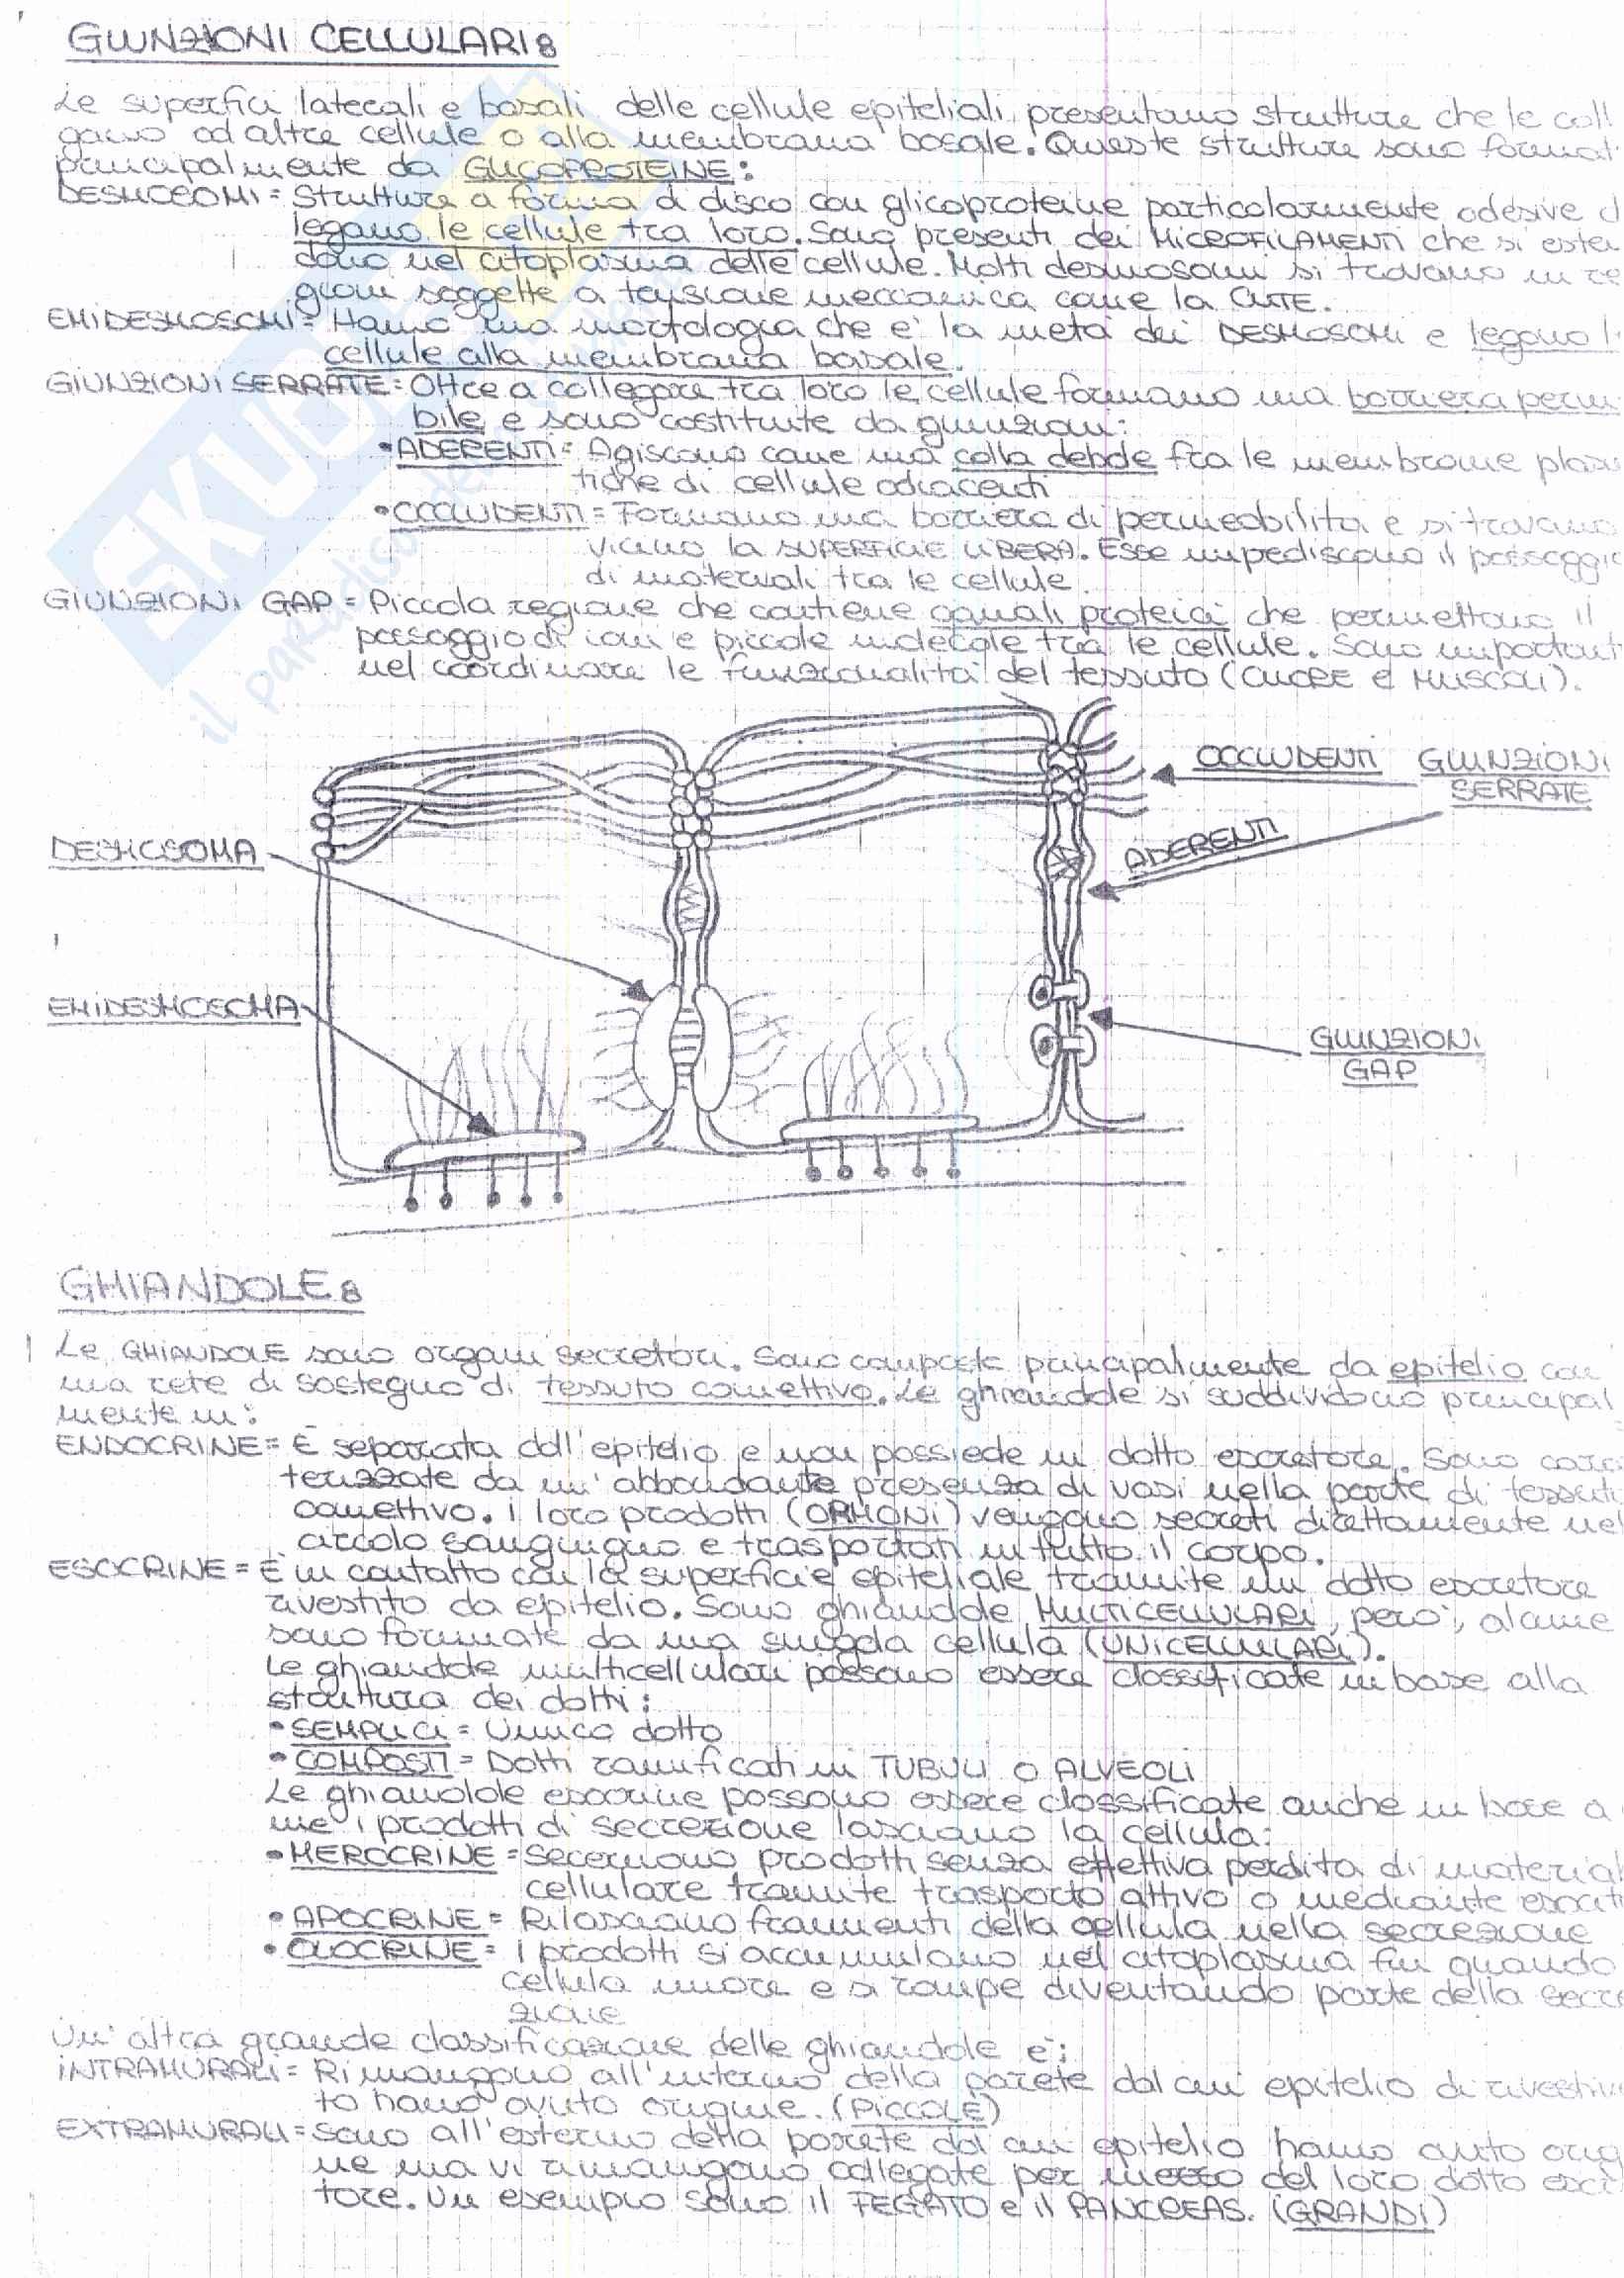 Riassunto esame Anatomia, prof. Ripani, libro consigliato Anatomia Clinica, Marinozzi, Gaudio, Ripani Pag. 11